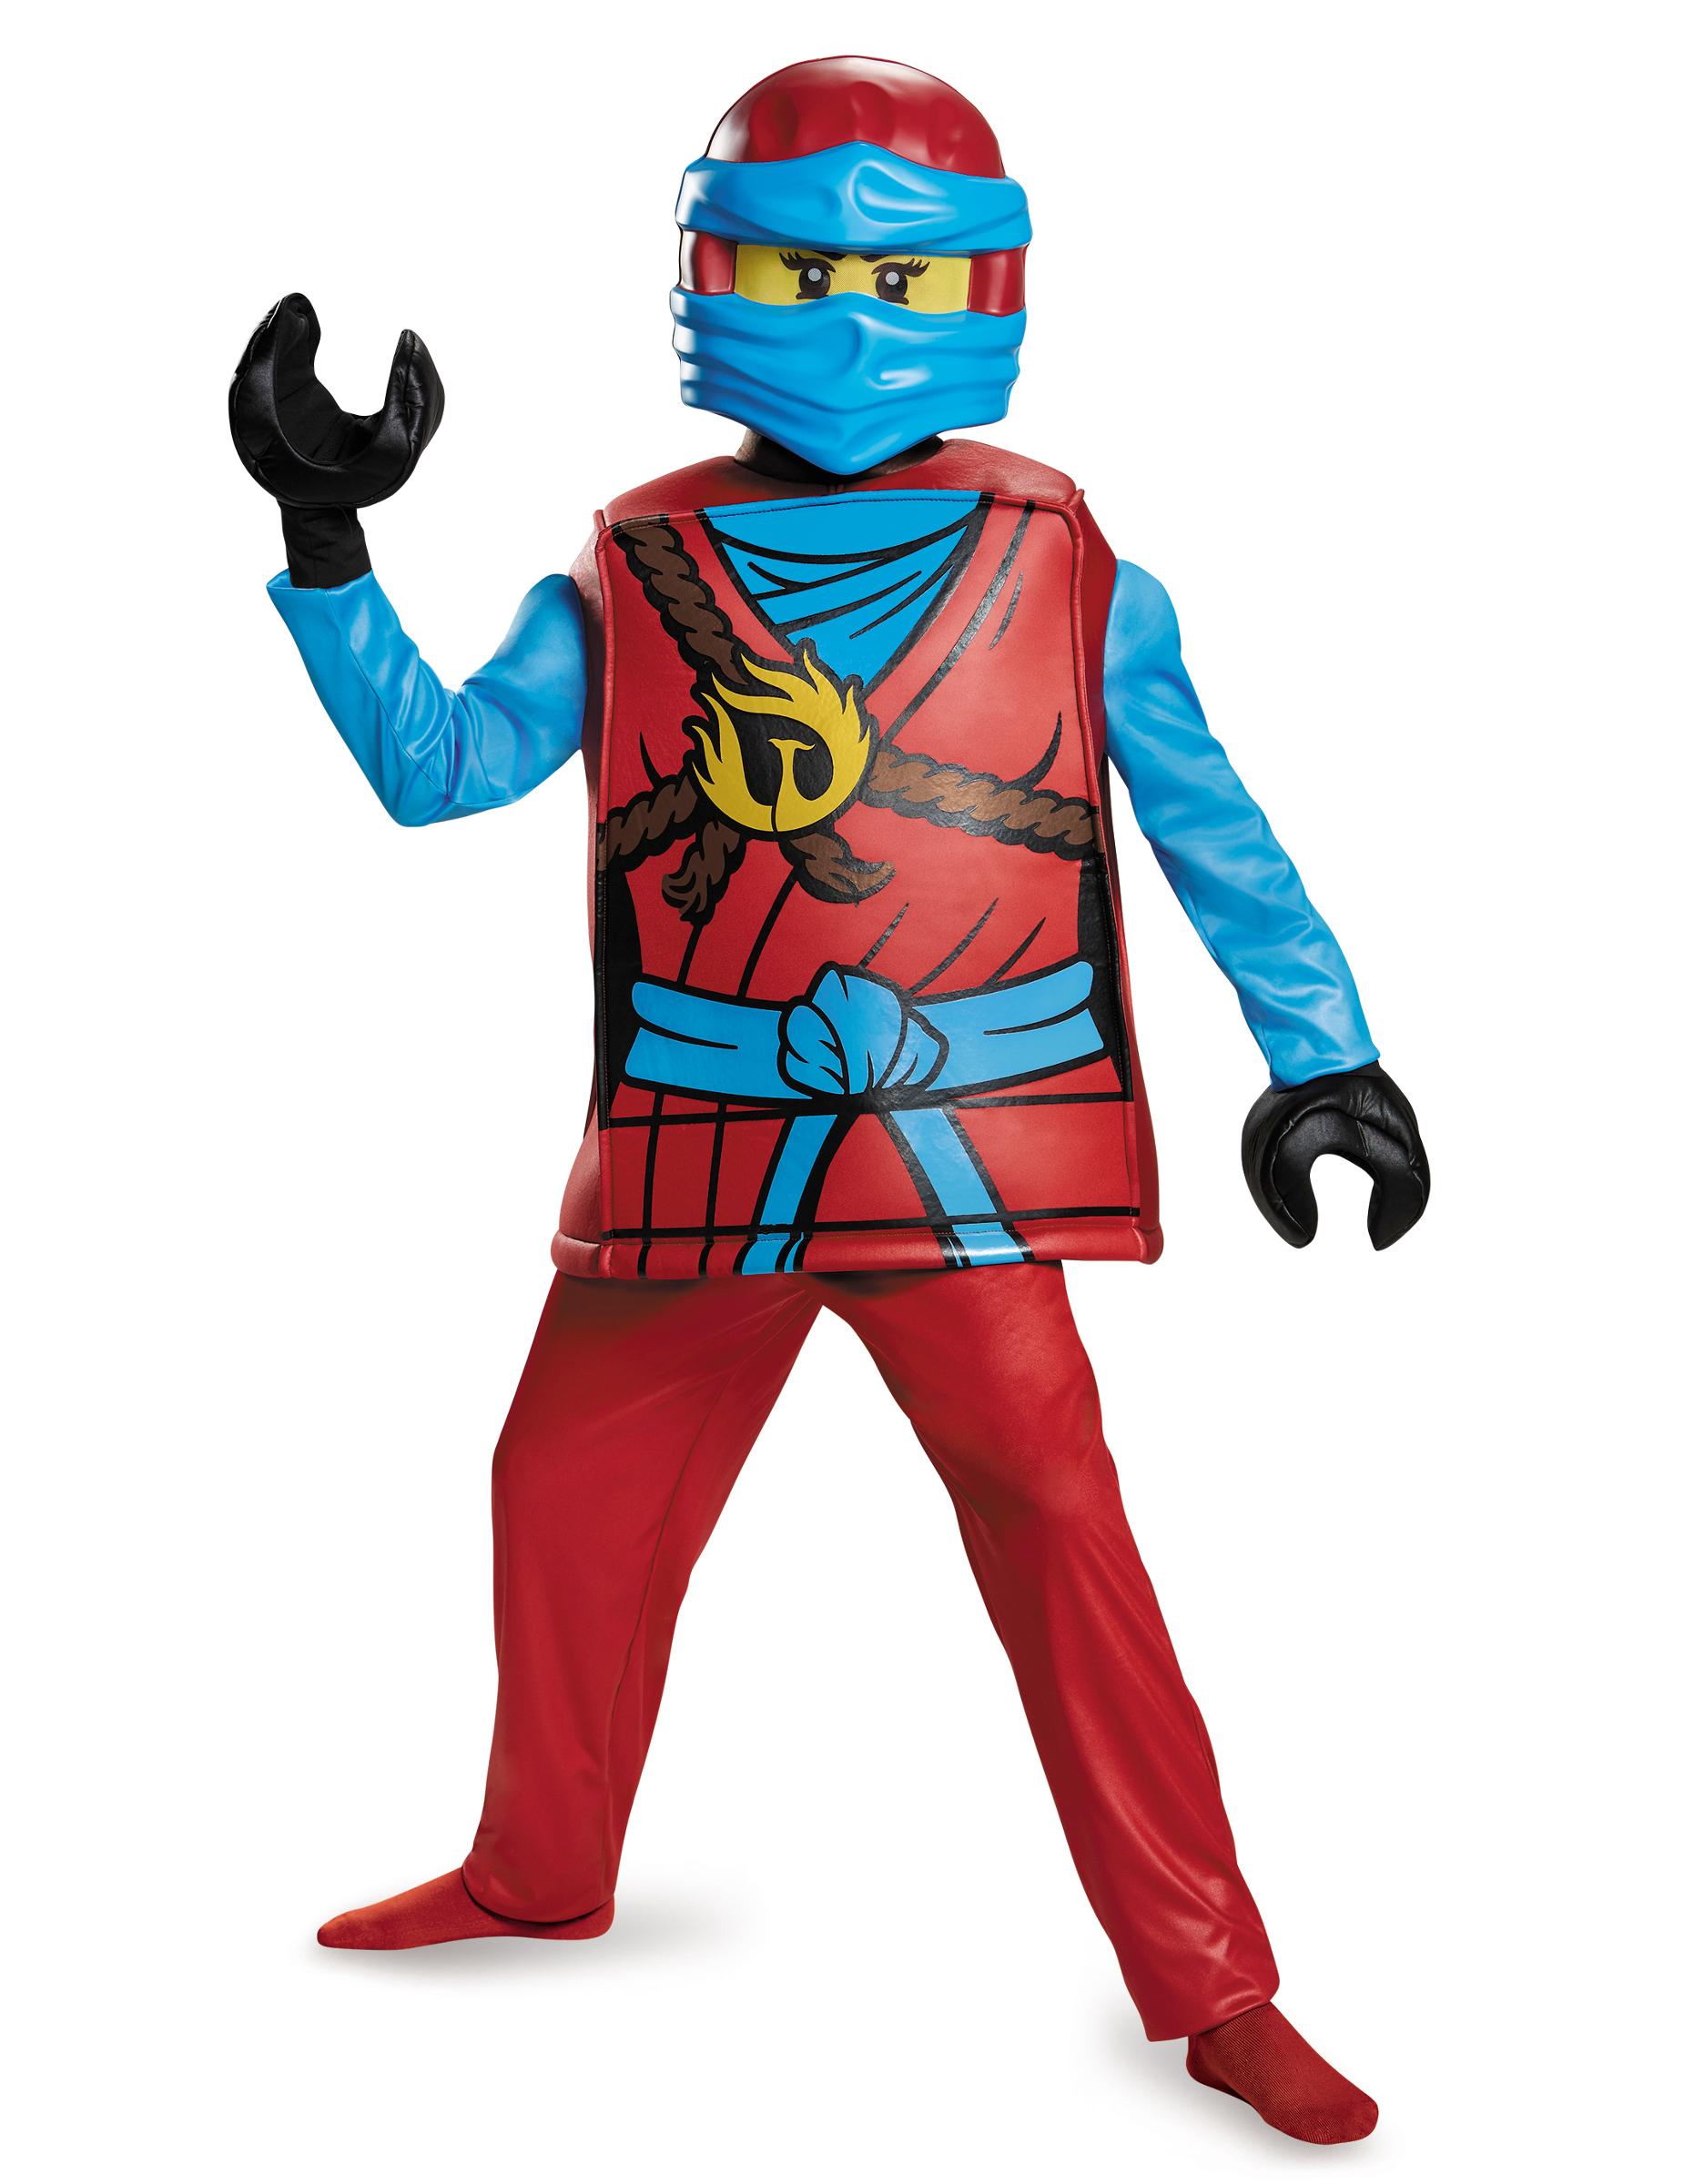 D guisement deluxe nya ninjago lego enfant deguise toi achat de d guisements enfants - Deguisement tete de lego ...